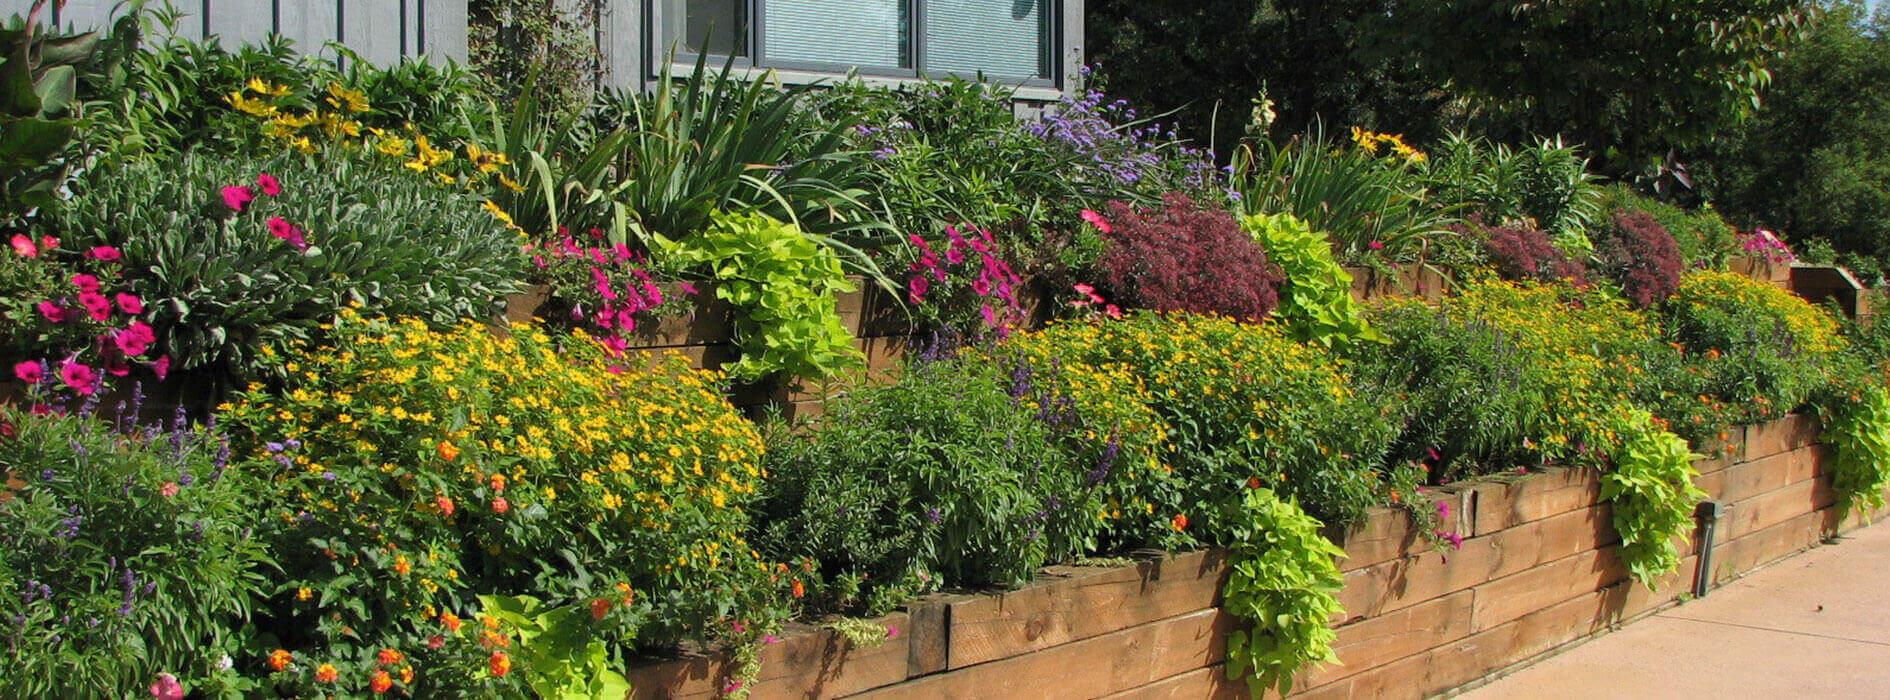 Lifestyle-Gardens_Heidis-GrowHaus-Lifestyle-Gardens2